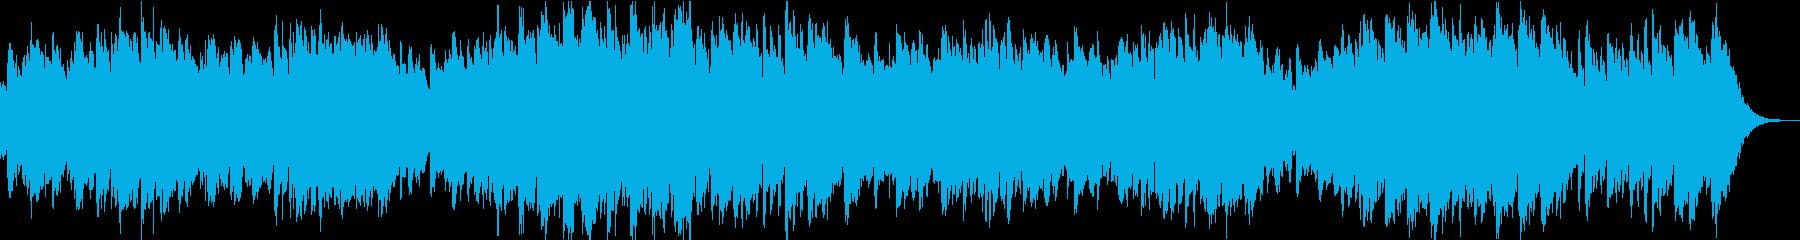 ジムノペディ第一番(幻想的音色)の再生済みの波形